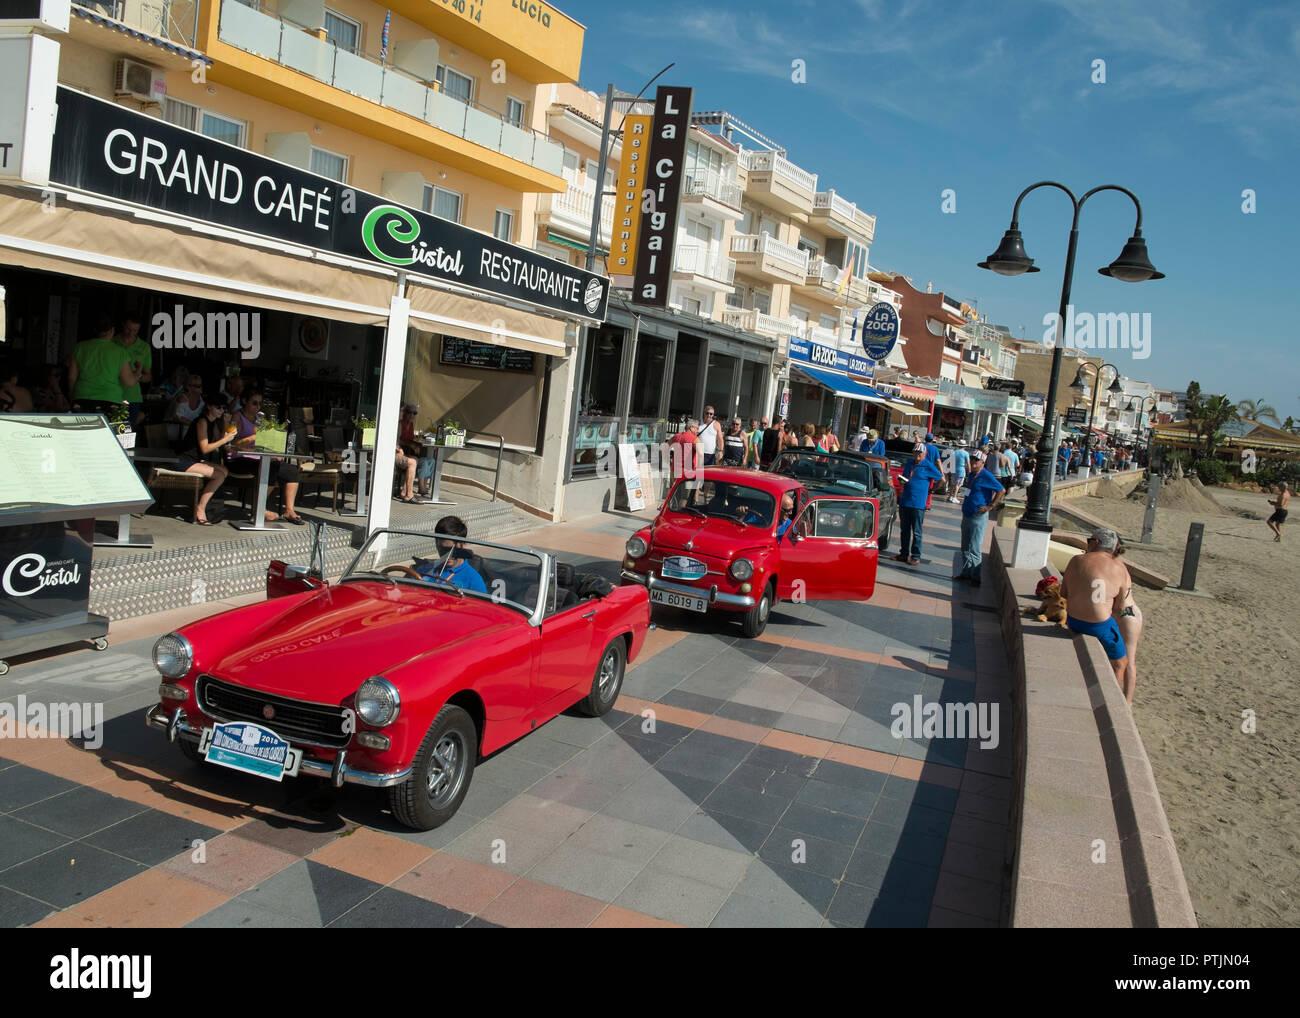 XXXIII Concentración amigos de los clásicos 2018 (Classic car meeting). Torremolinos, Málaga province, Spain. - Stock Image